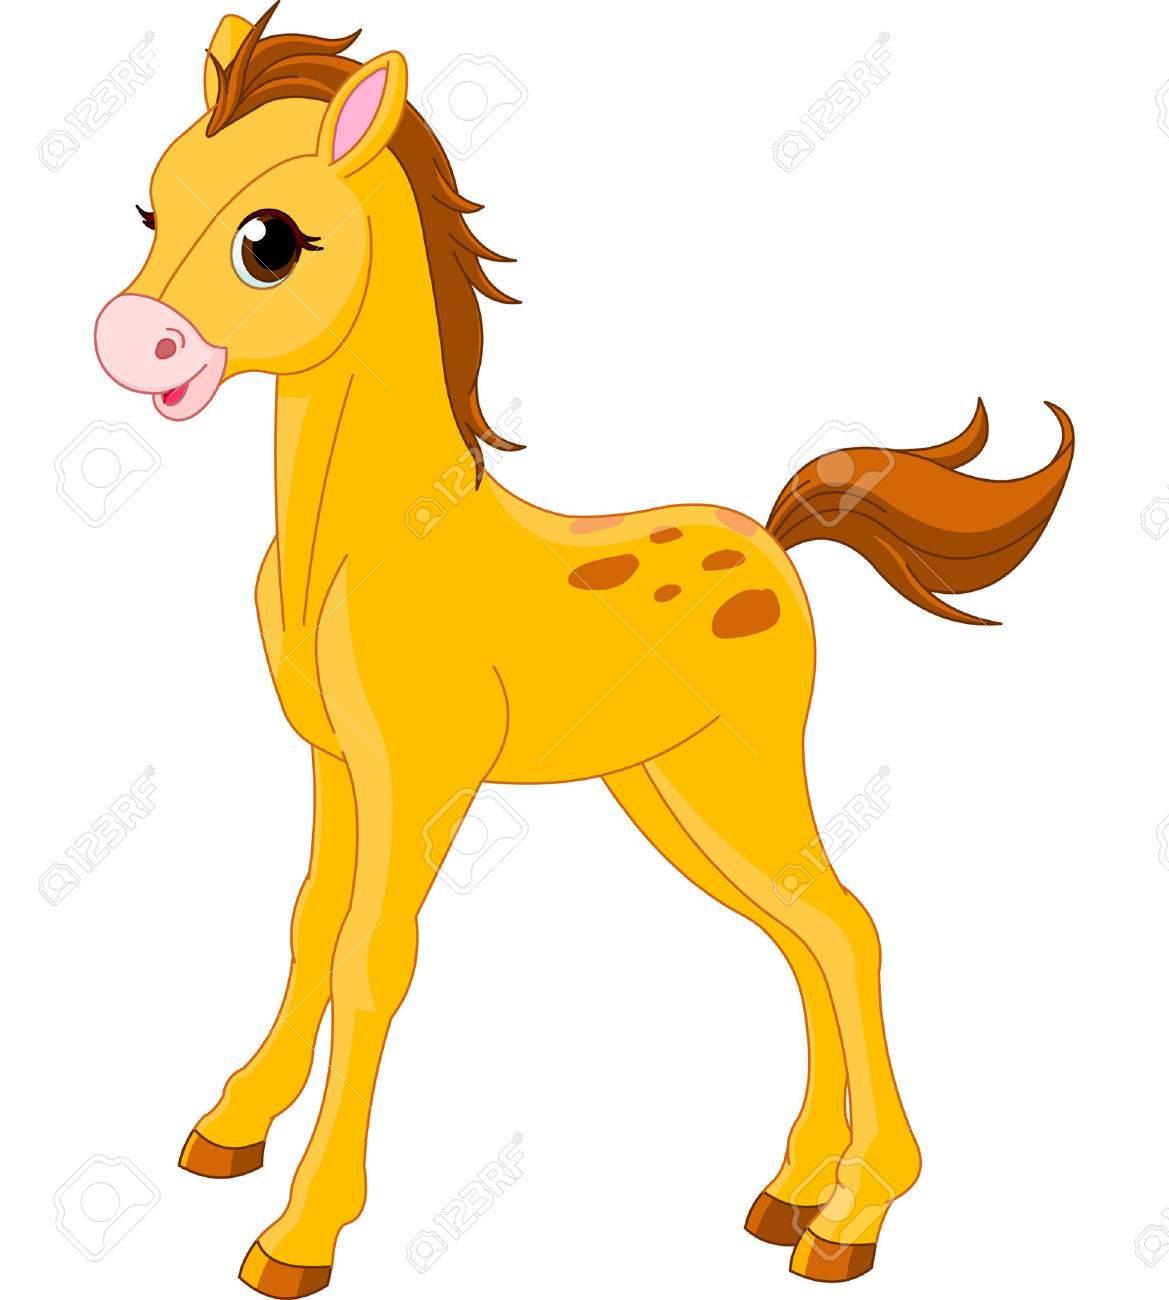 かわいい馬の子馬のイラストのイラスト素材 ベクタ Image